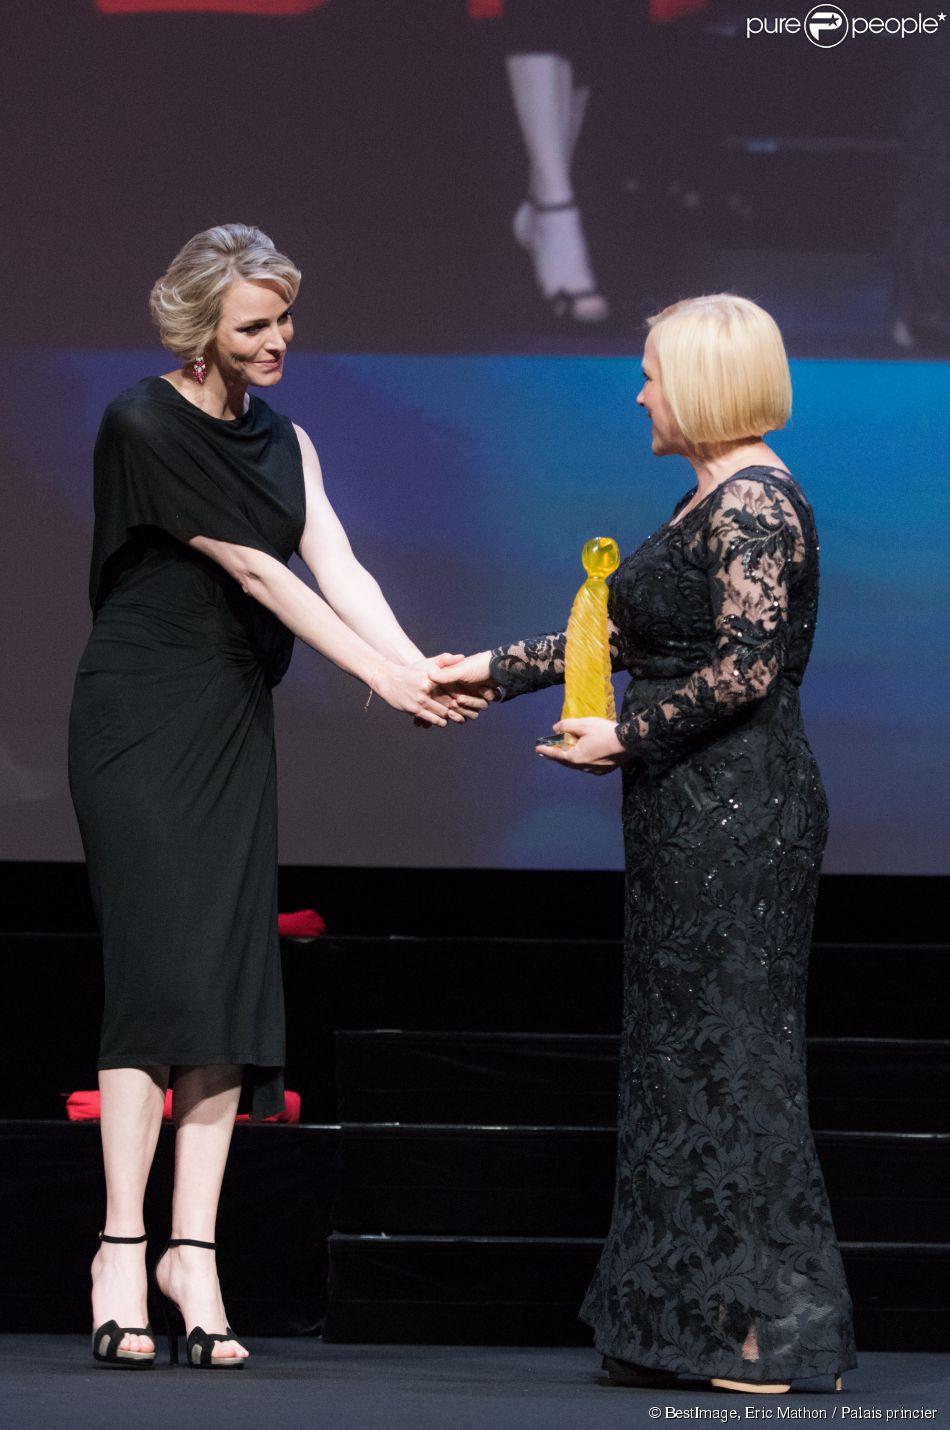 Exclusif - La princesse Charlene de Monaco a remis le prix Nymphe de cristal à Patricia Arquette lors de la soirée d'ouverture du 55e Festival international de télévision de Monte-Carlo, le 13 juin 2015 au Grimaldi Forum.